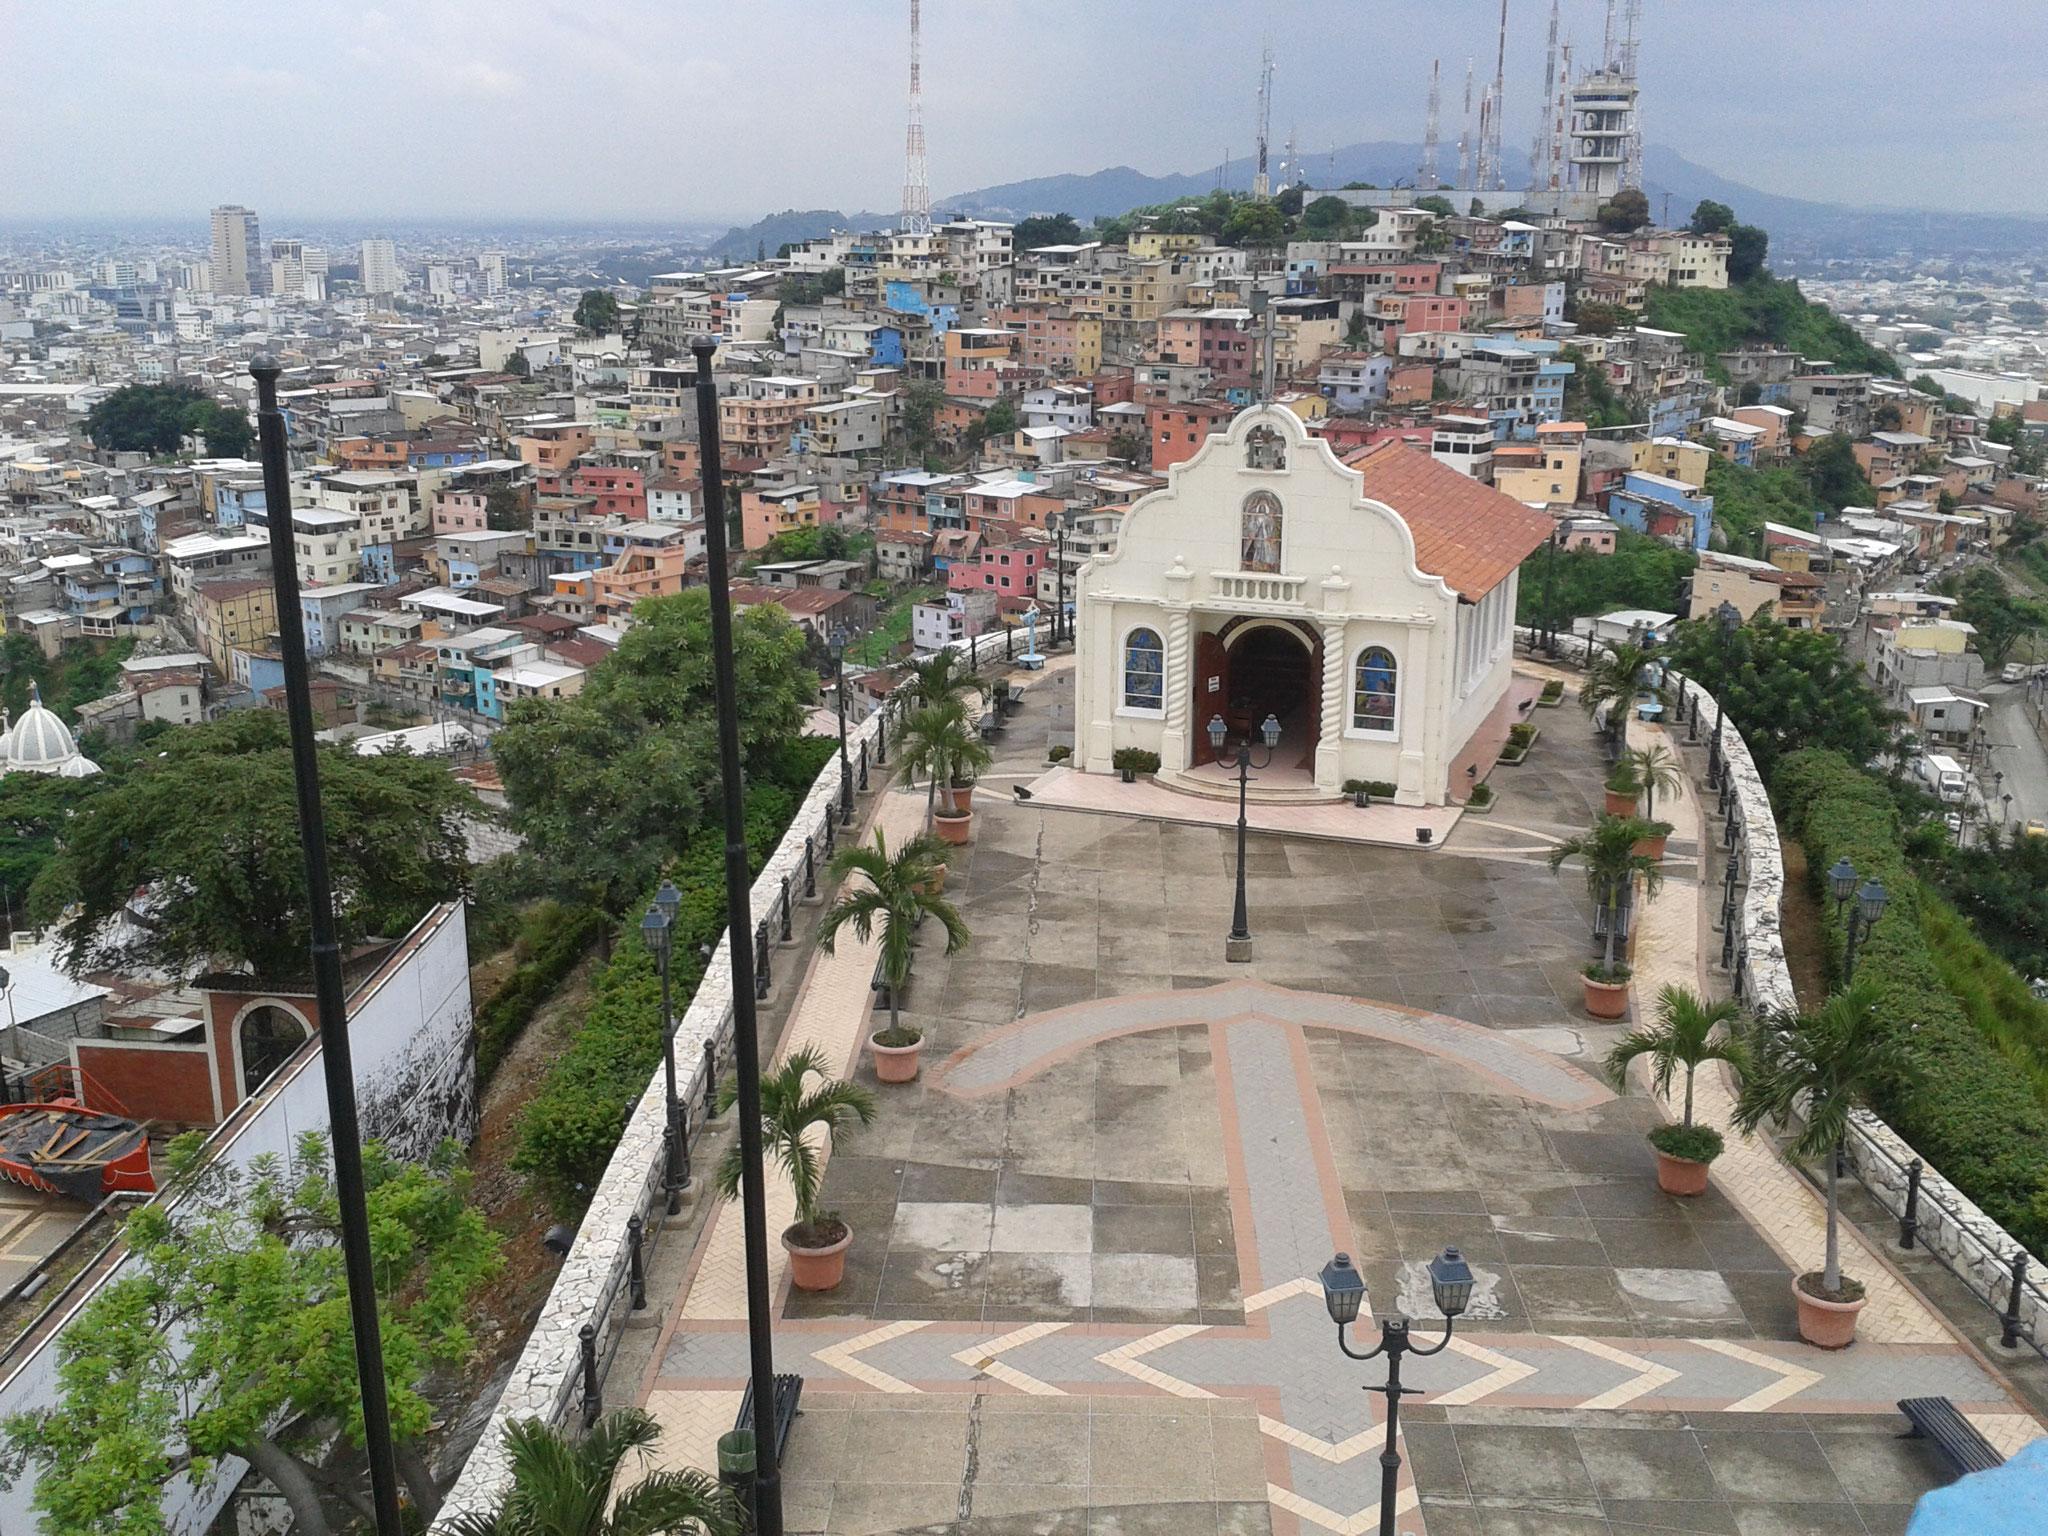 La chapelle vue du haut du phare; le point le plus haut. En arrière plan, cerro El Carmen